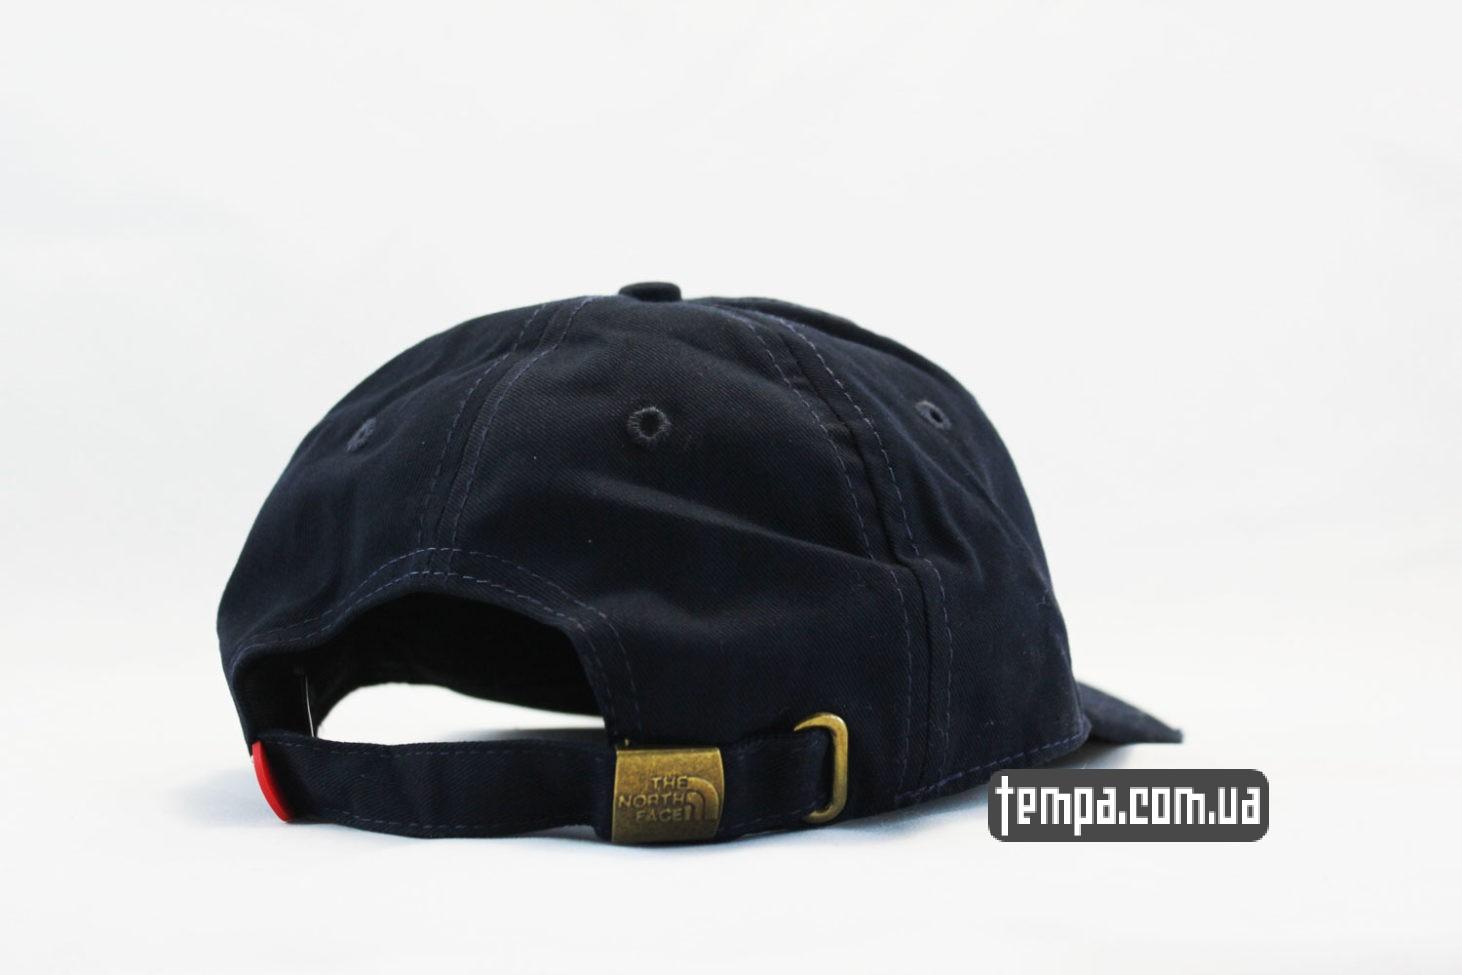 оригинальная одежда норс фейс кепка бейсболка the north face синяя оригинал купить